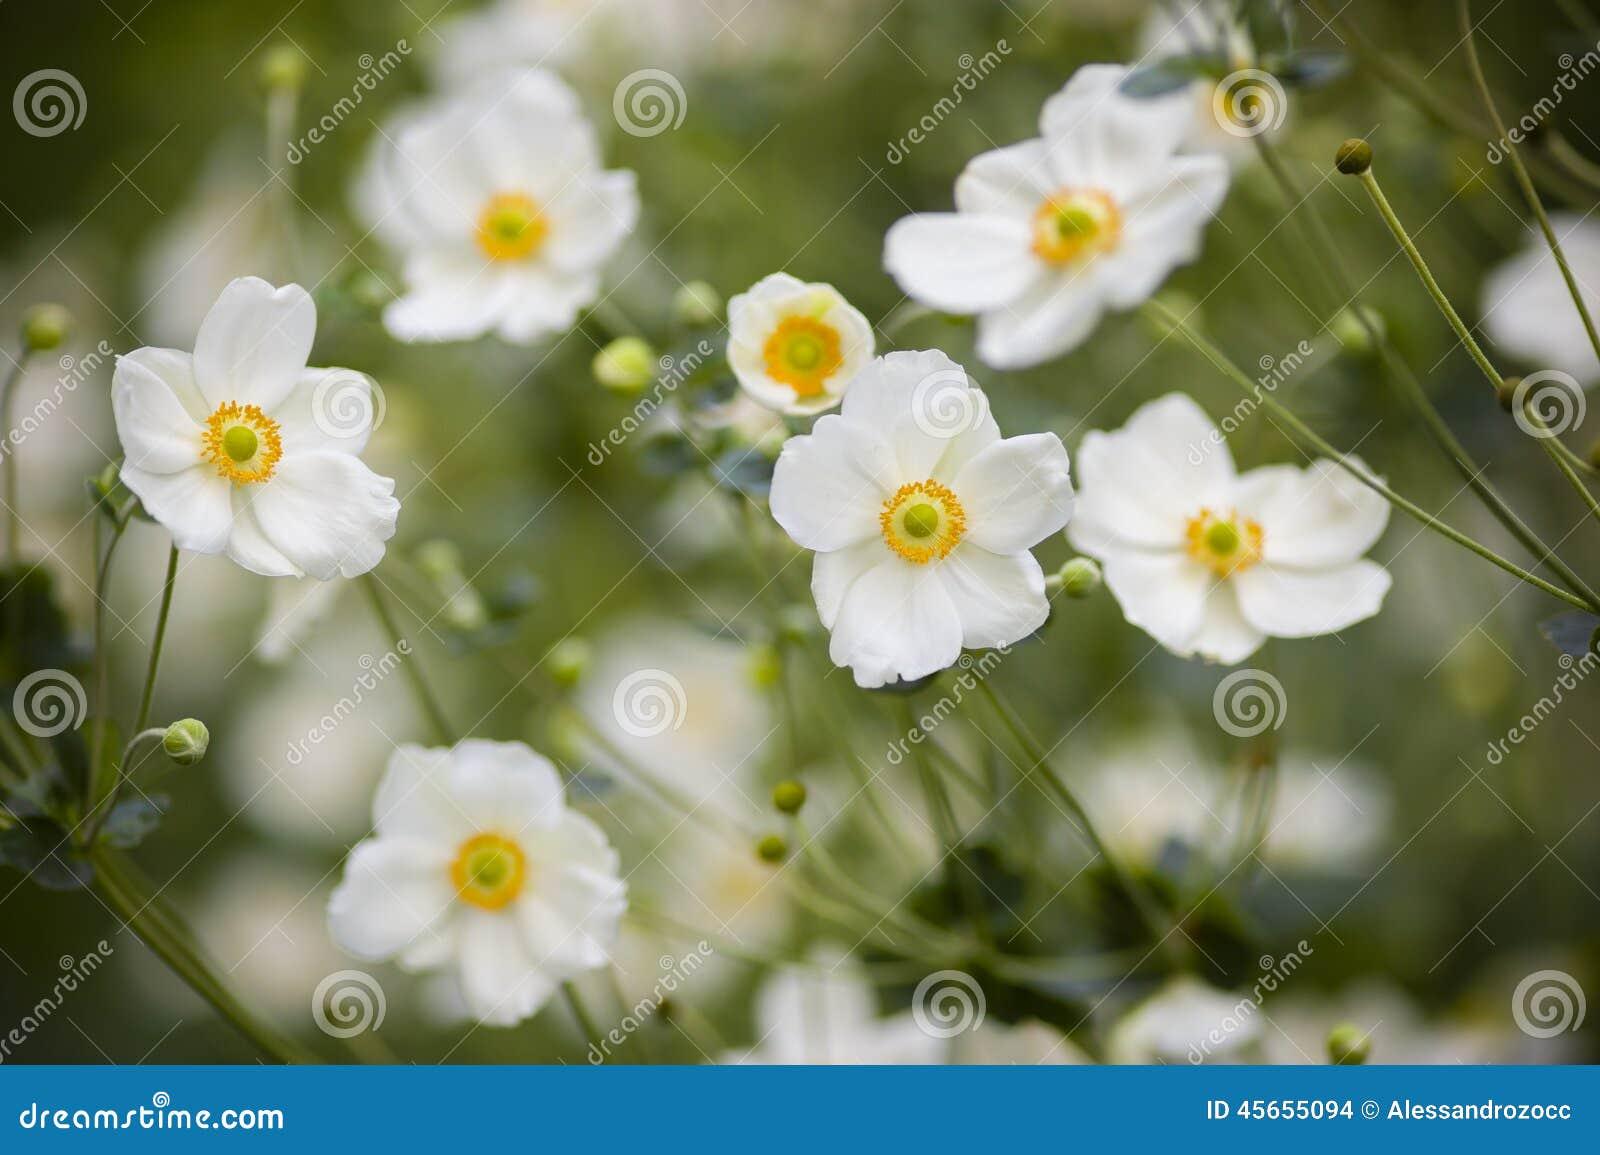 elenco nomi fiori bianchi